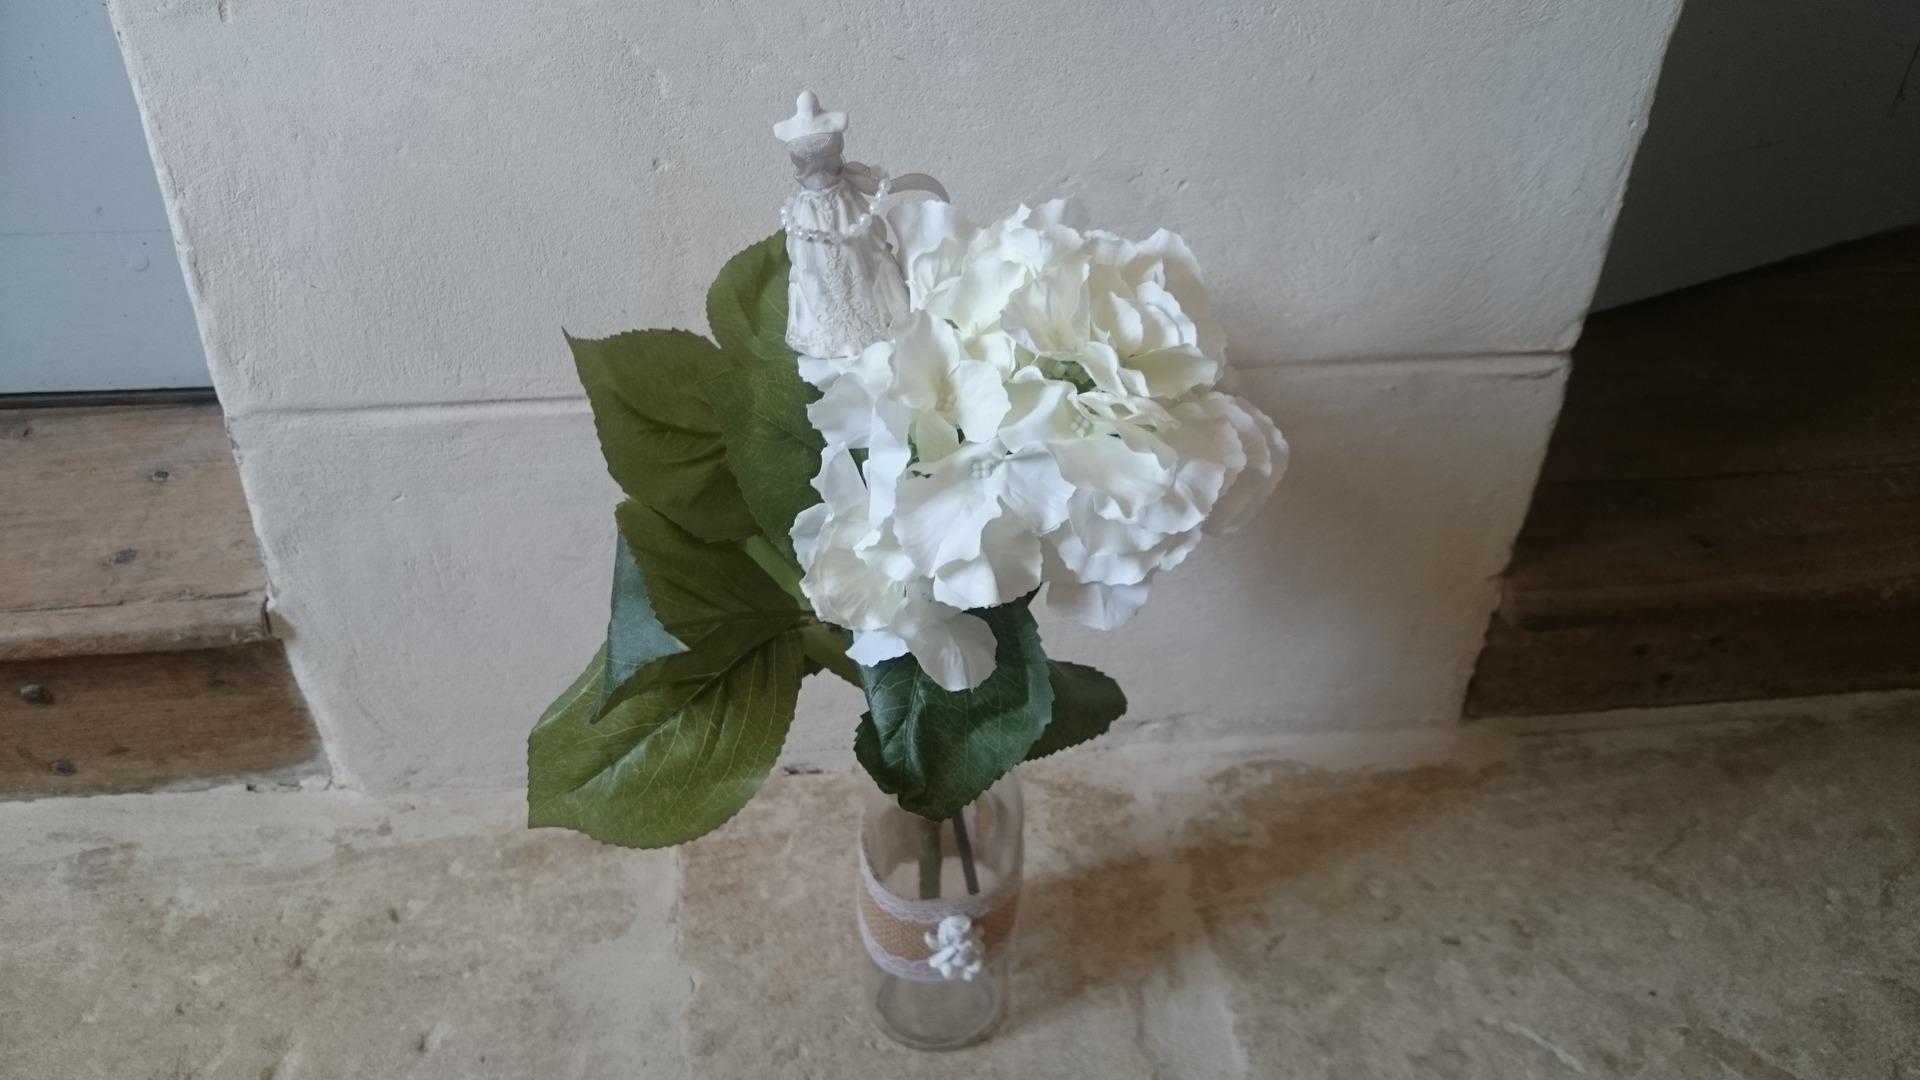 Pique plantes d coration senteur pour composition florale shabby maison et deco - Decoration florale maison ...